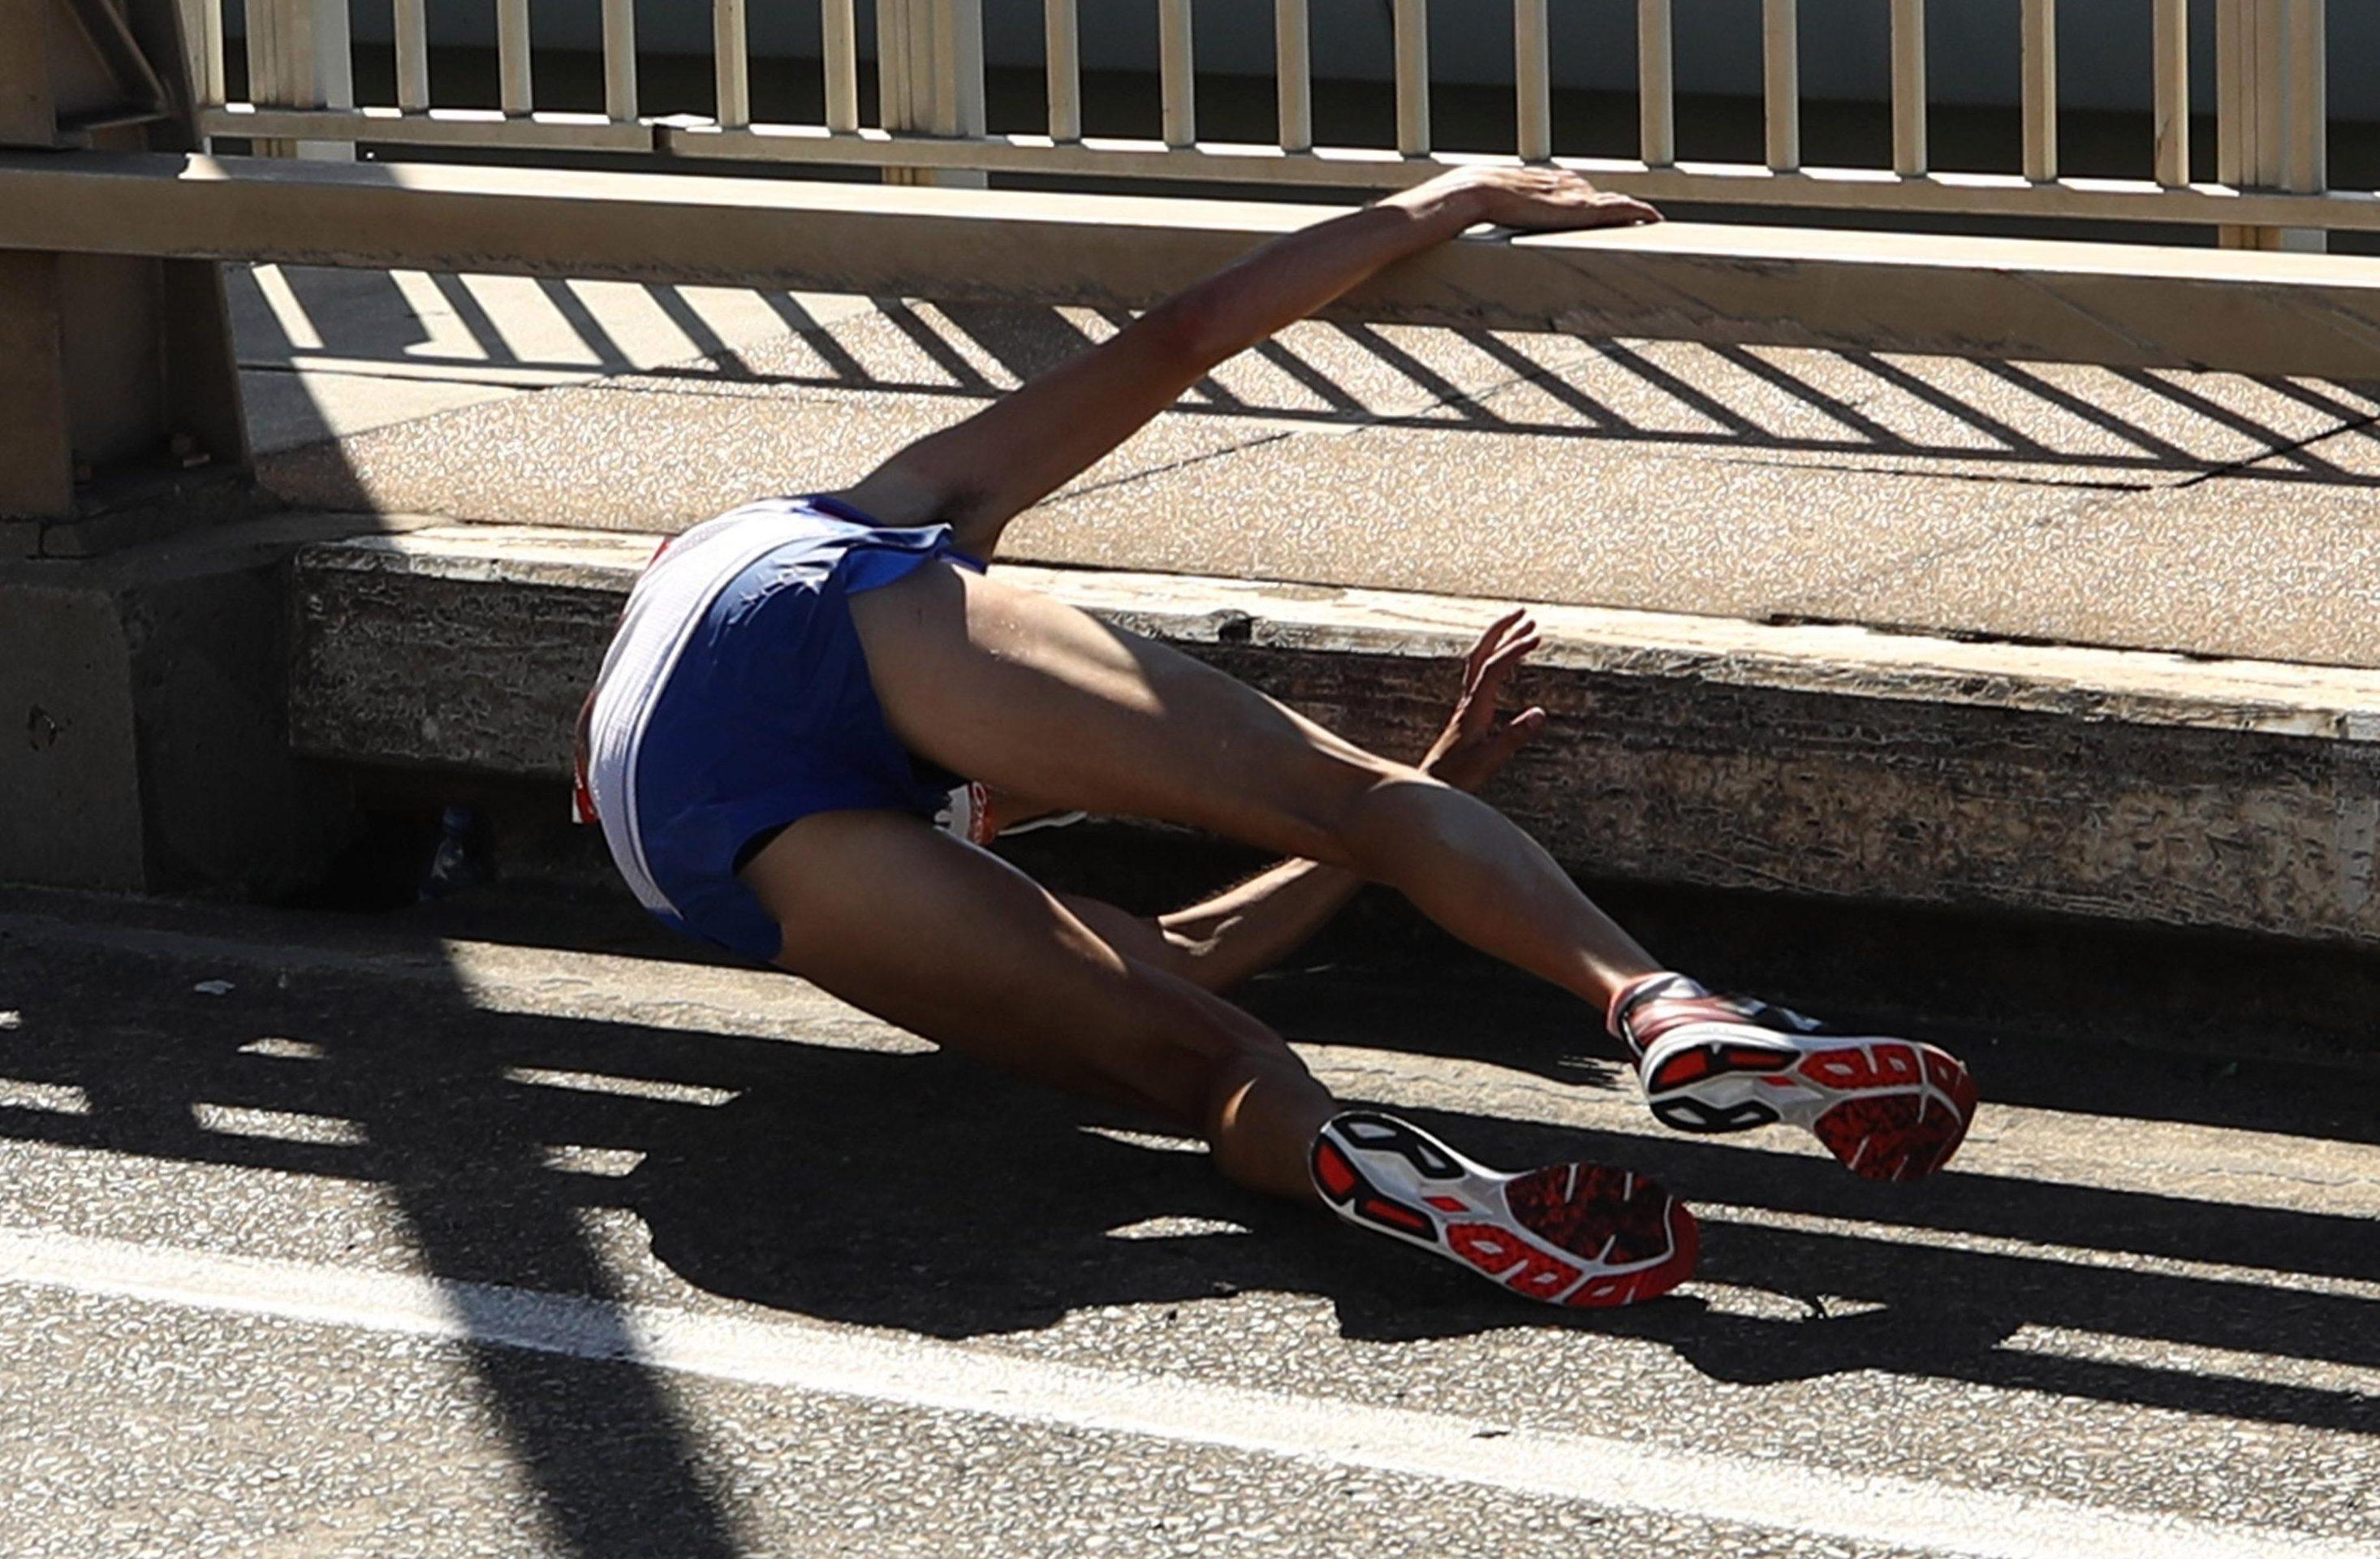 Scottish athlete Callum Hawkins tumbles over during marathon